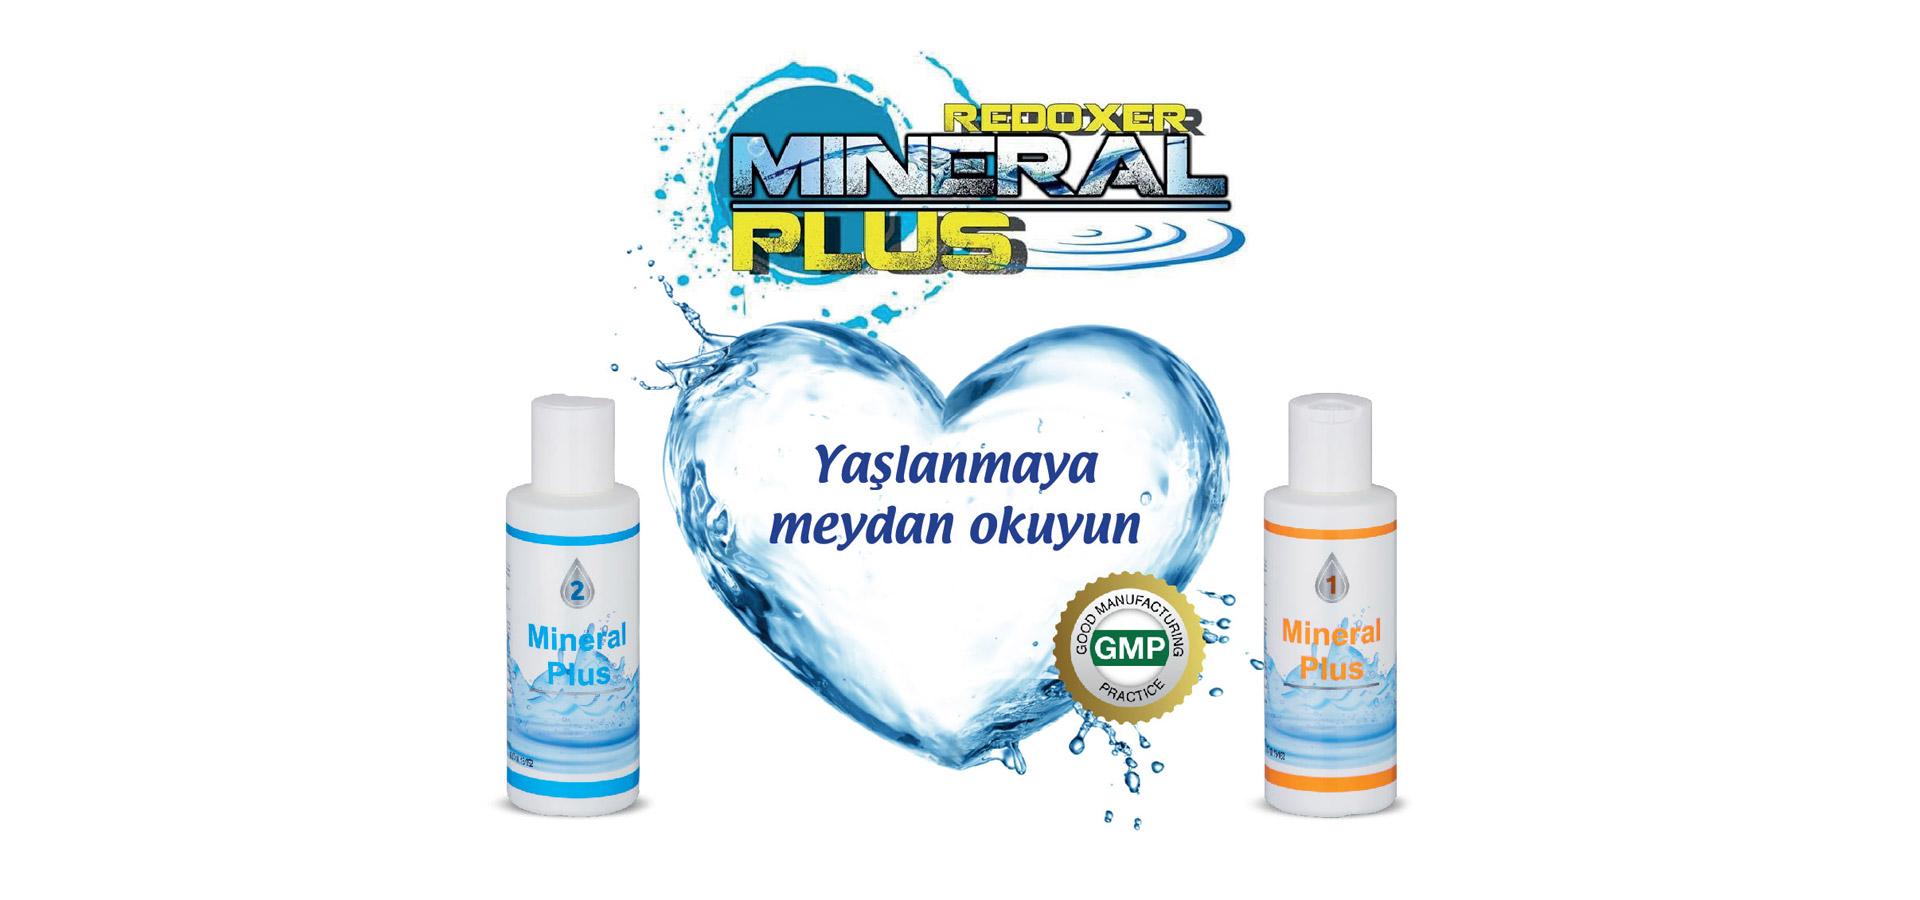 Rodexer Mineral Plus 2 ve 1 ile Yaşlanmaya Meydan Okuyun